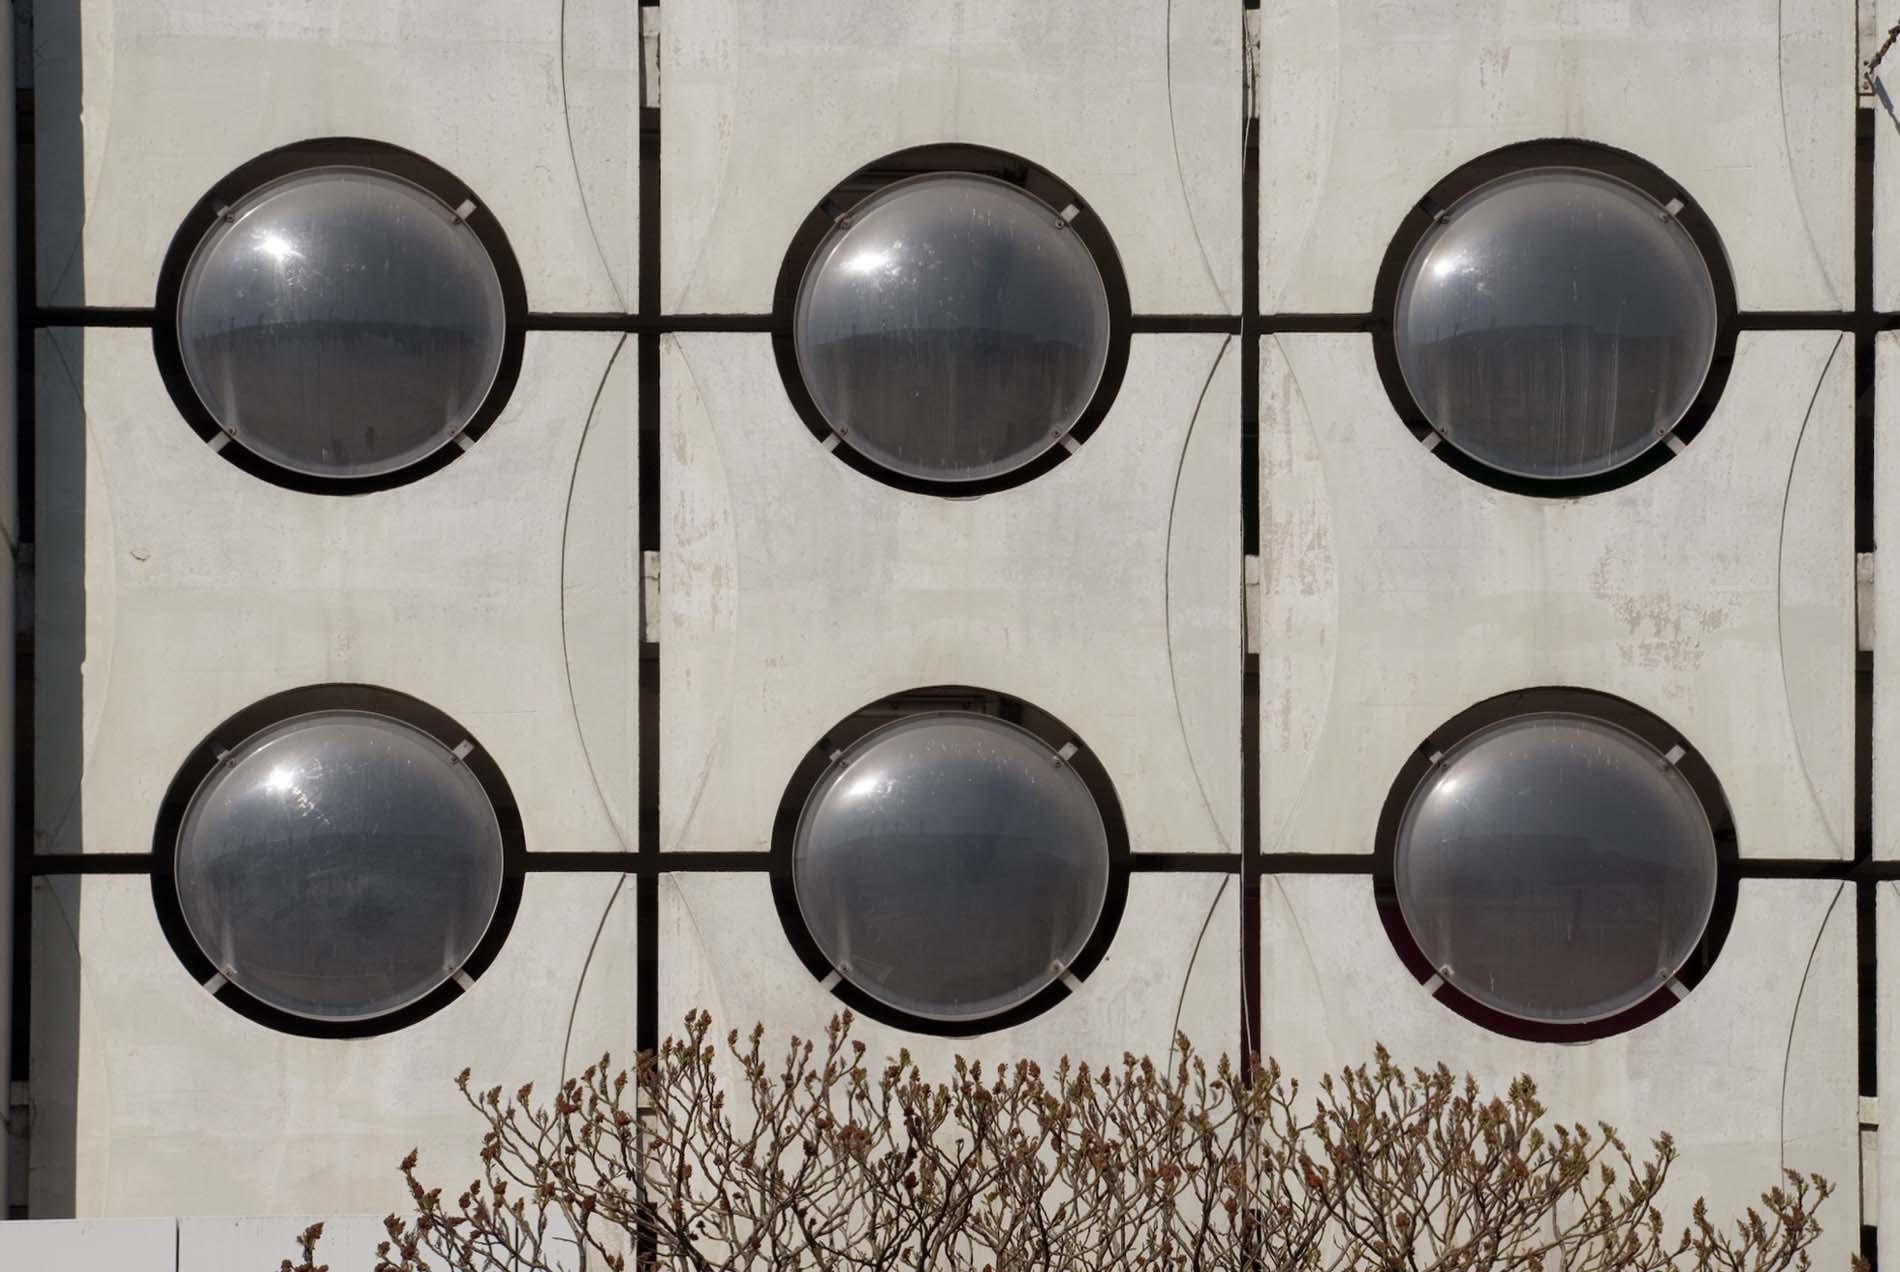 Erfrischt. Das 1973 fertiggestellte multifunktionale Gebäude wurde von Jože Koželj entworfen. Der 1931 im Süden Sloweniens geborene Koželj hat in seiner Laufbahn mit Ravnikar gearbeitet und ist in die Lehre an die Architekturfakultät der Universität von Ljubljana gegangen.